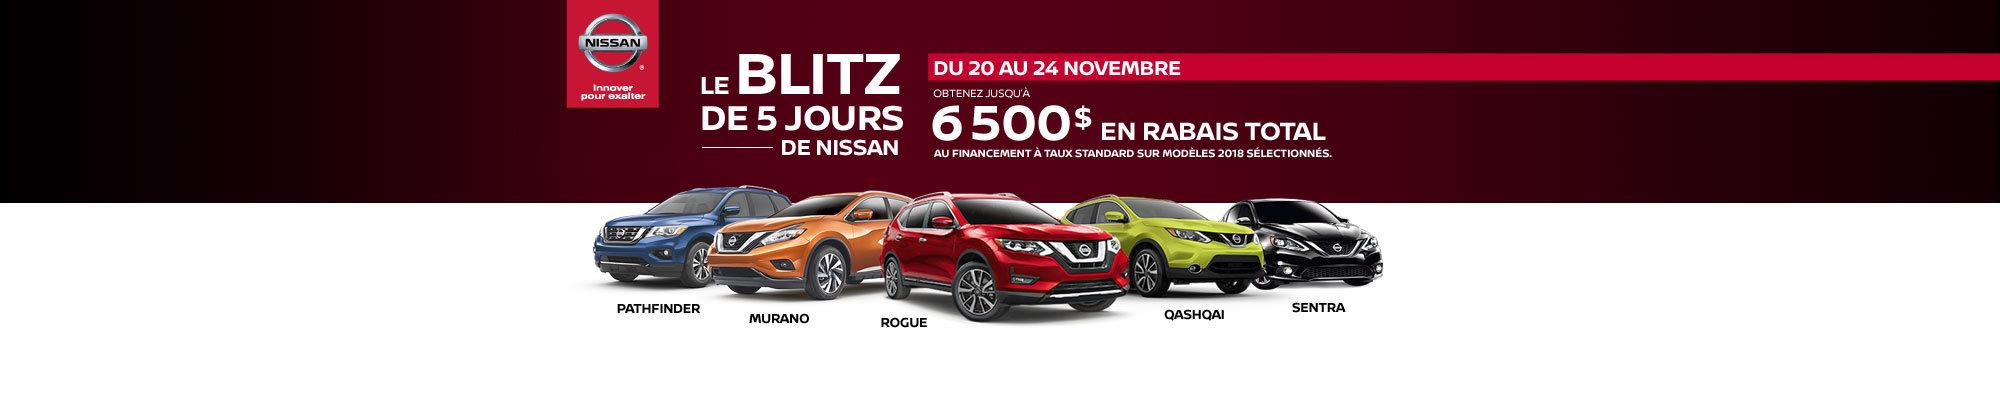 Blitz de 5 jours Nissan! Header - desktop